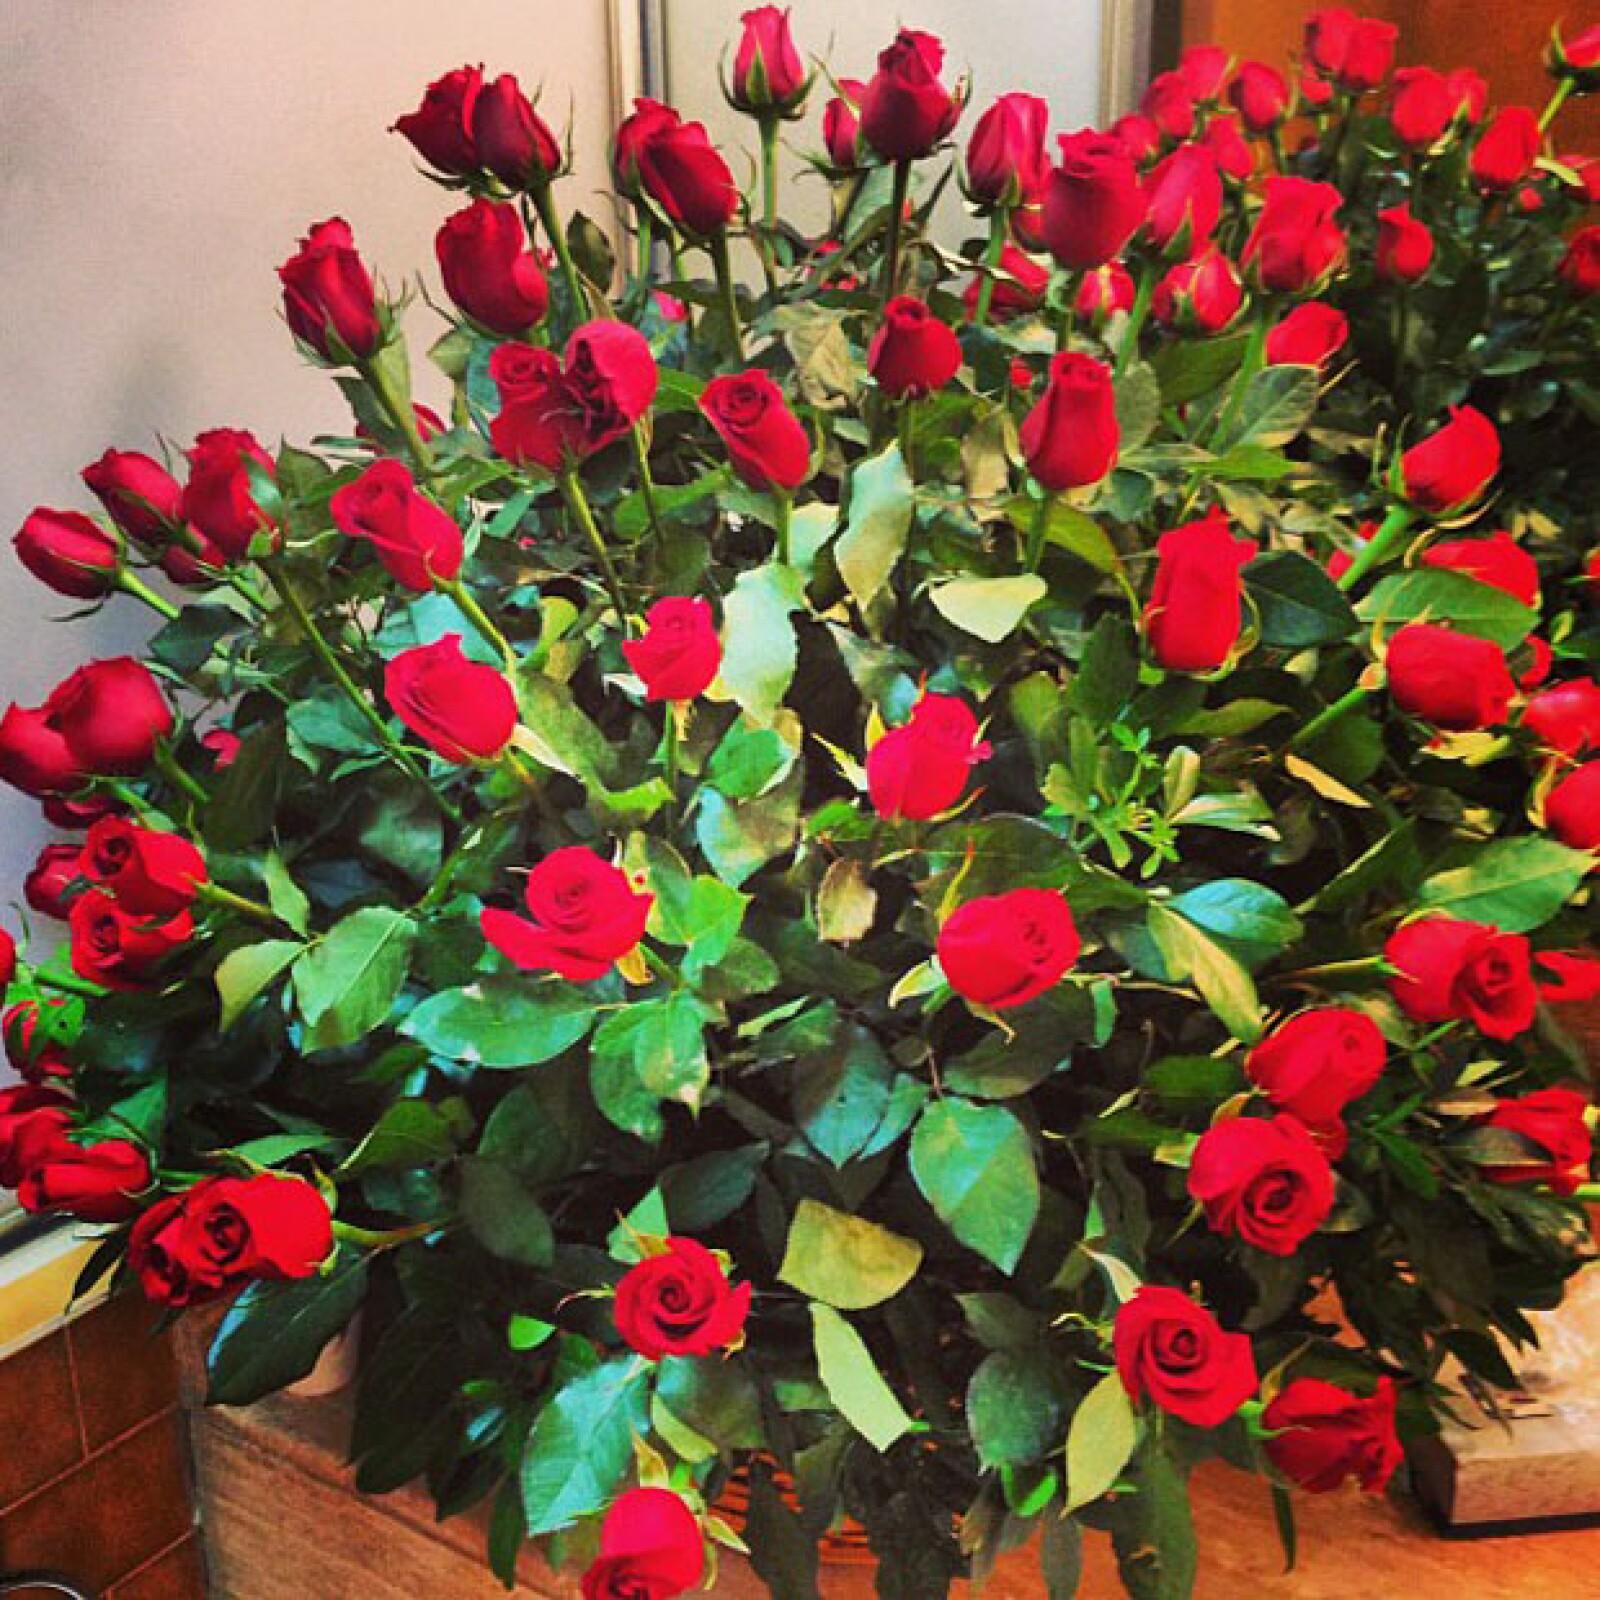 Más tarde presumió el arreglo floral que Pepe le mandó para celebrar su amor.